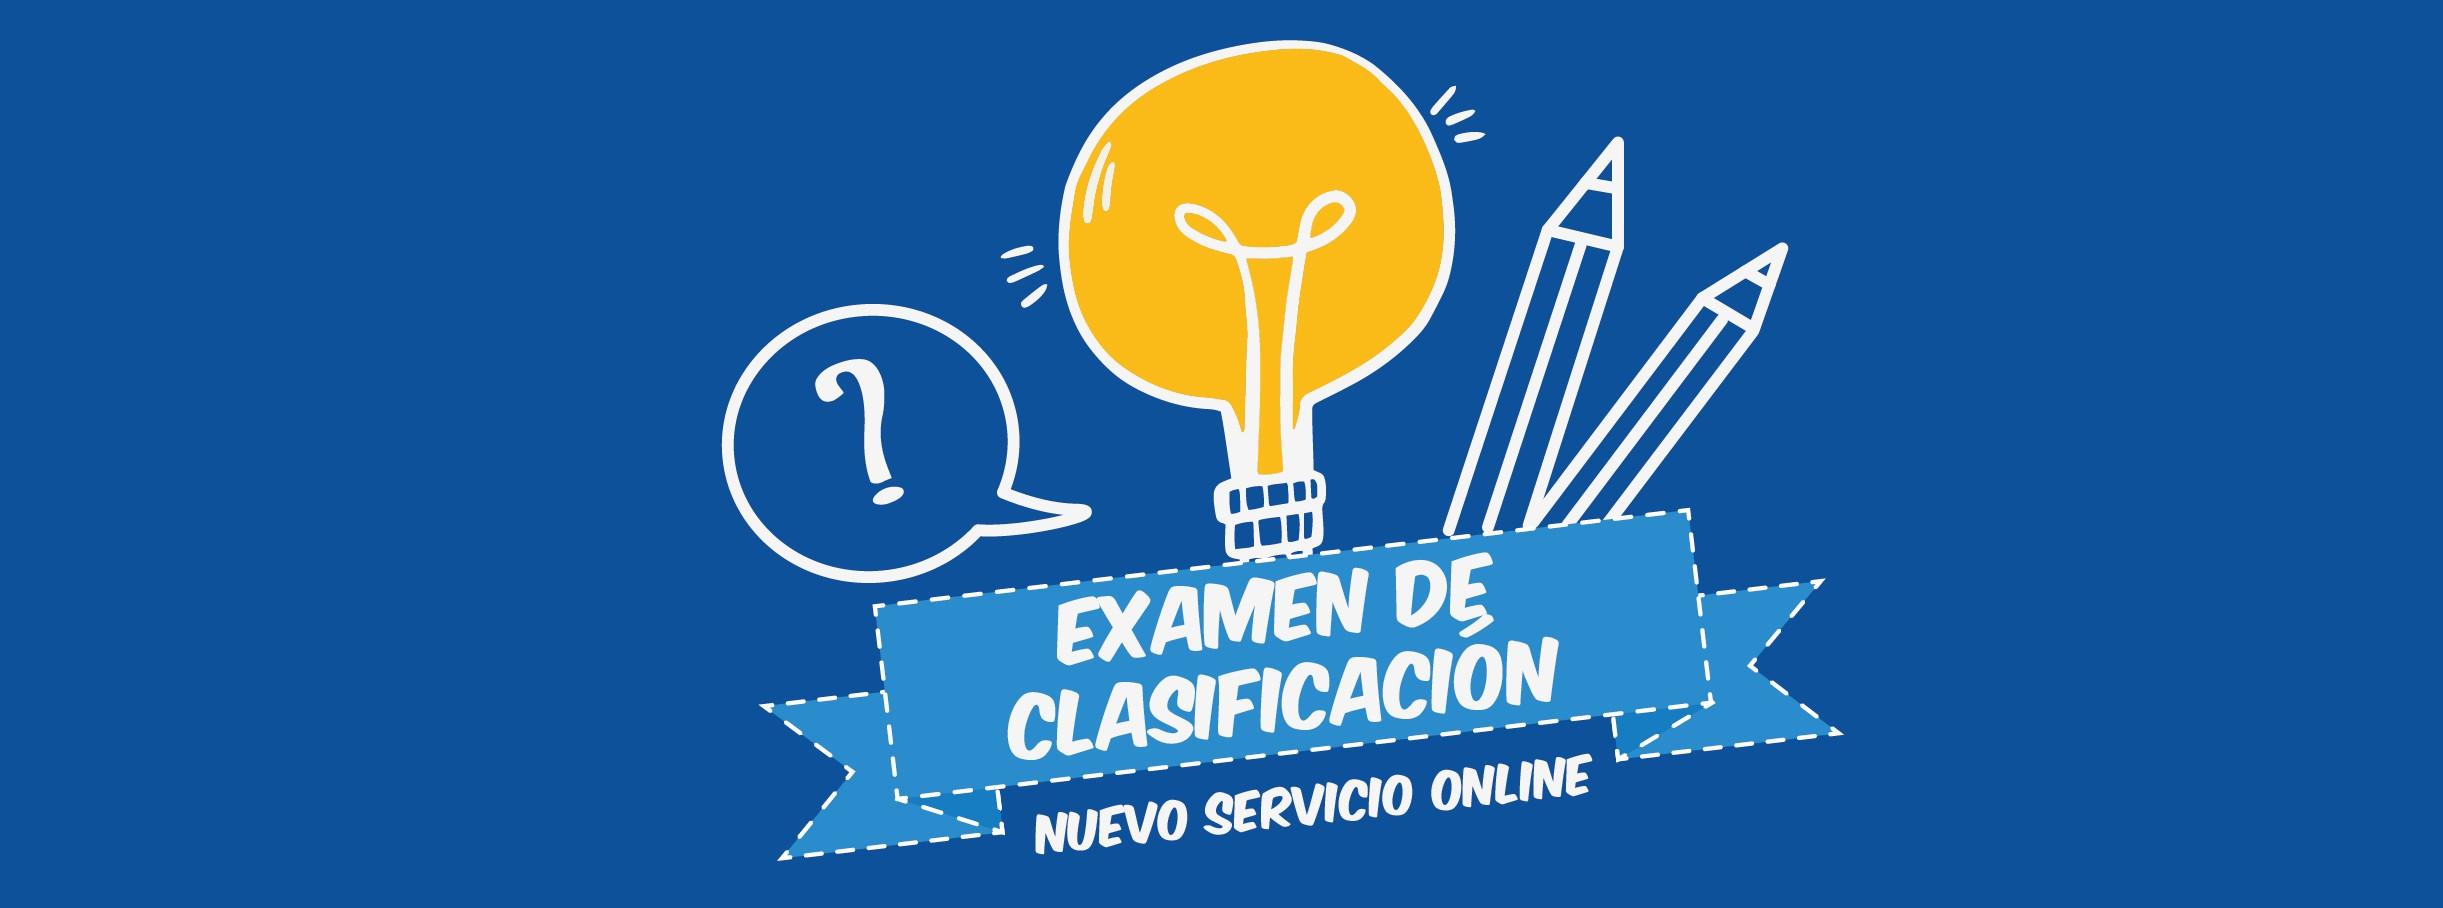 Si ya tienes algºn conocimiento de inglés solicita tu cita para presentar el examen de clasificaci³n que nos ayudará a determinar en qué nivel debes